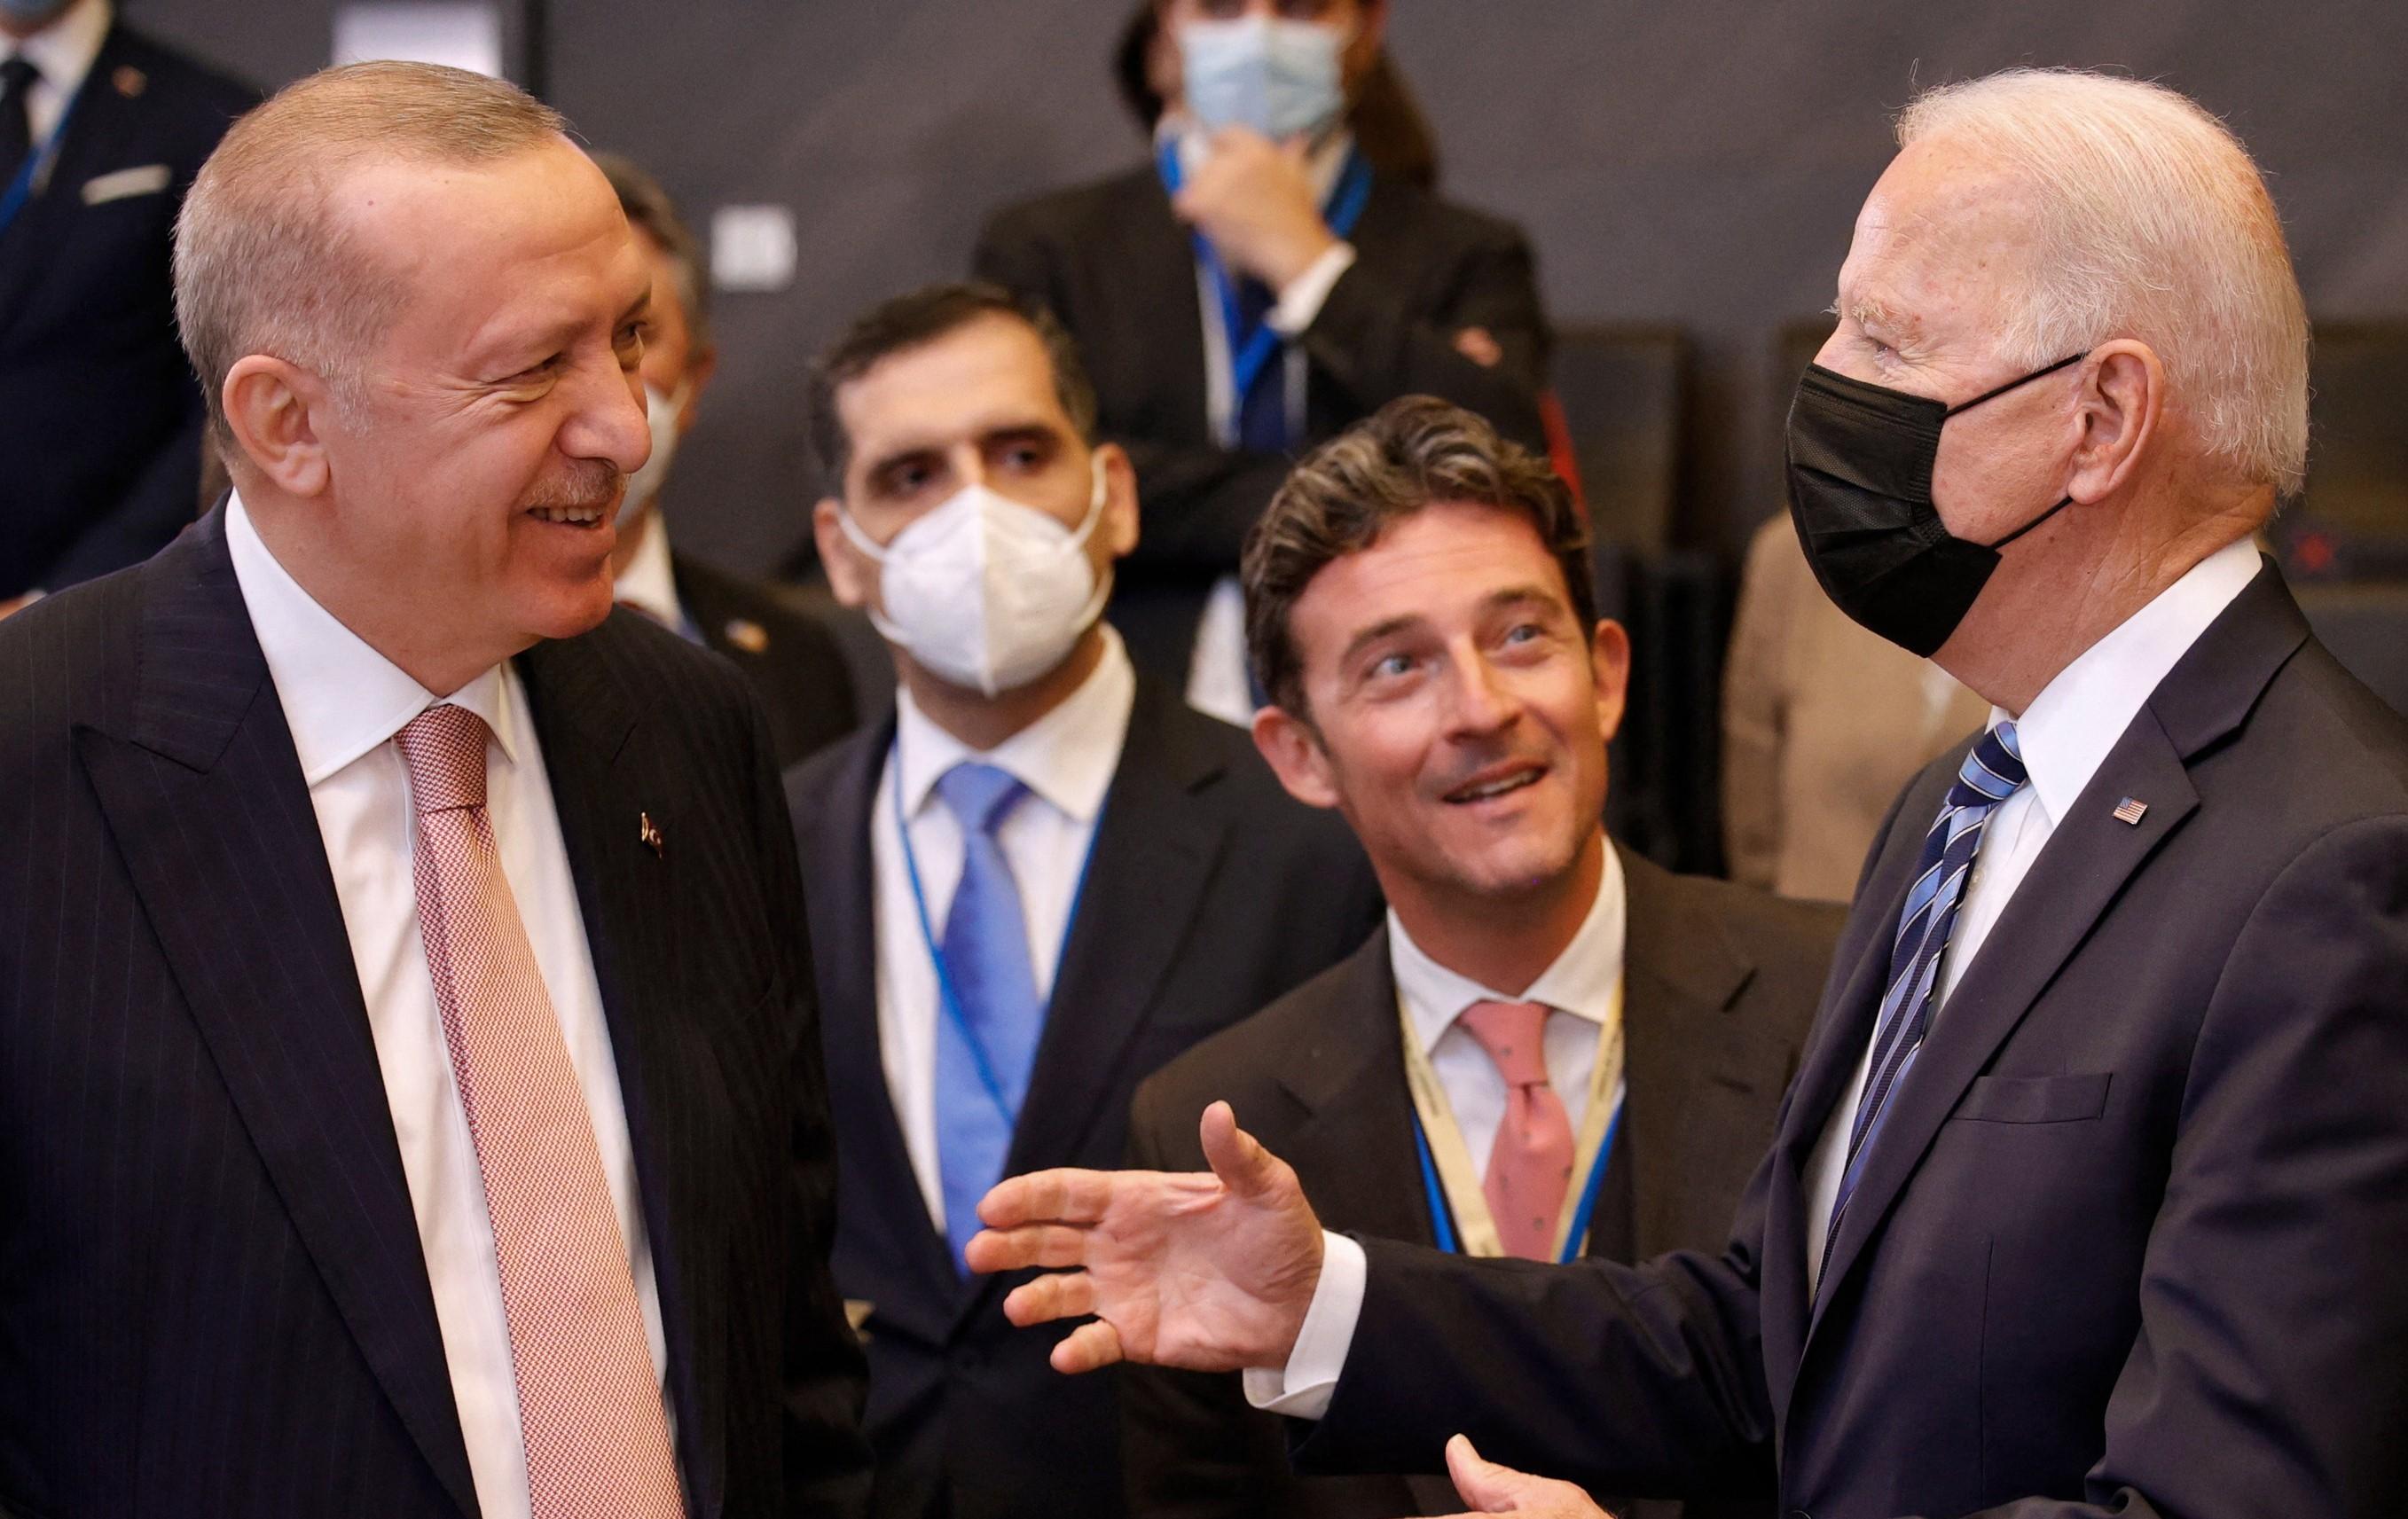 Joe Biden spune ca a avut o conversaţie foarte buna cu Recep Erdogan